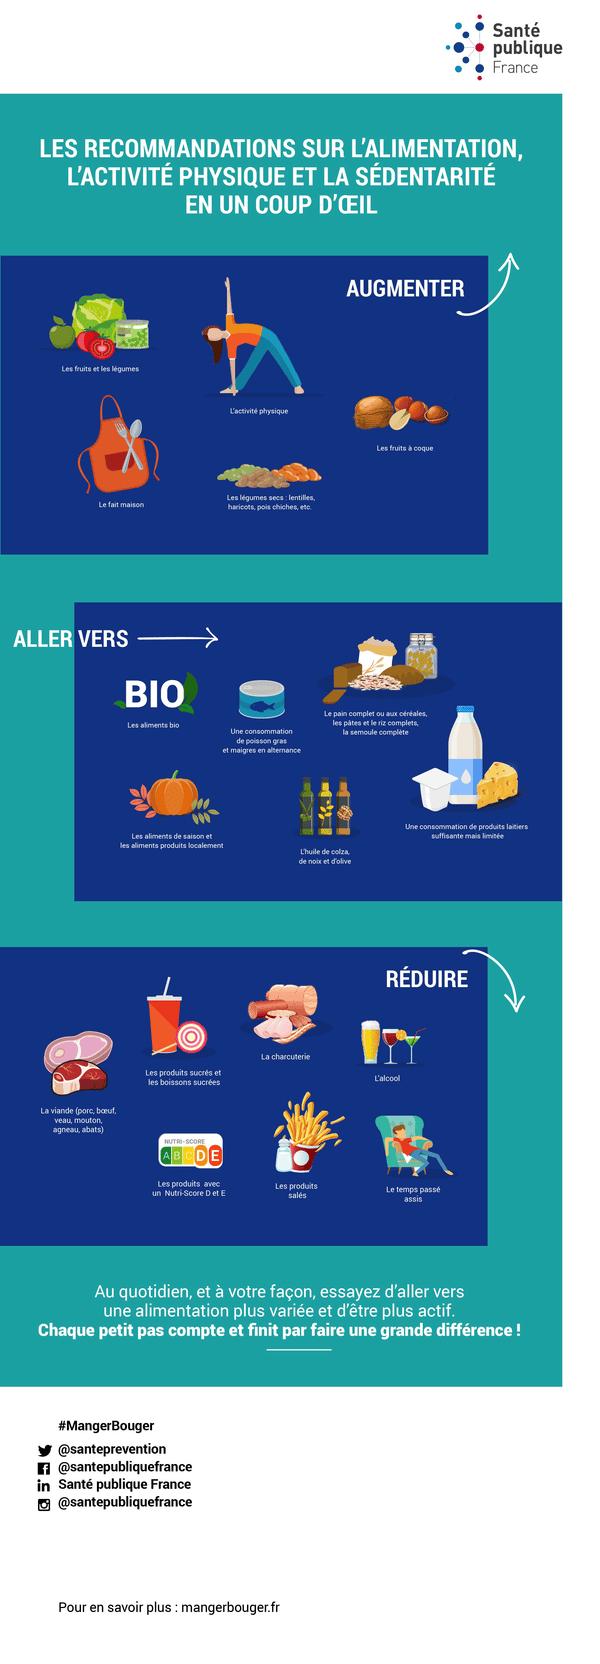 Alimentation, activité physique et sédentarité : les nouvelles recommandations de Santé publique France